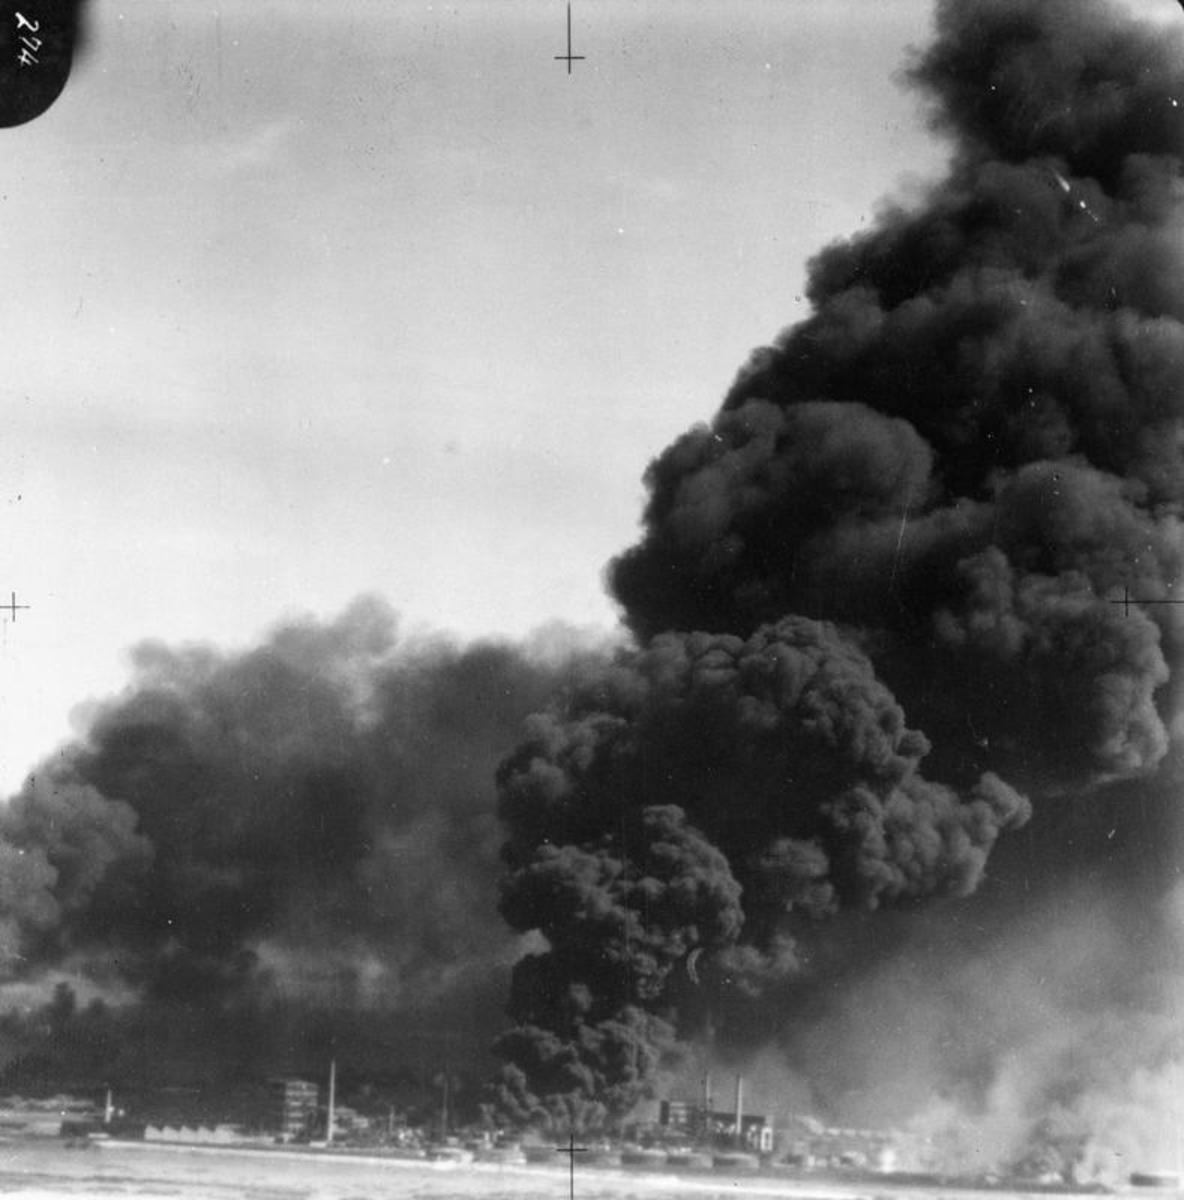 26-29 May 1940 Burning oil tanks at Dunkirk.